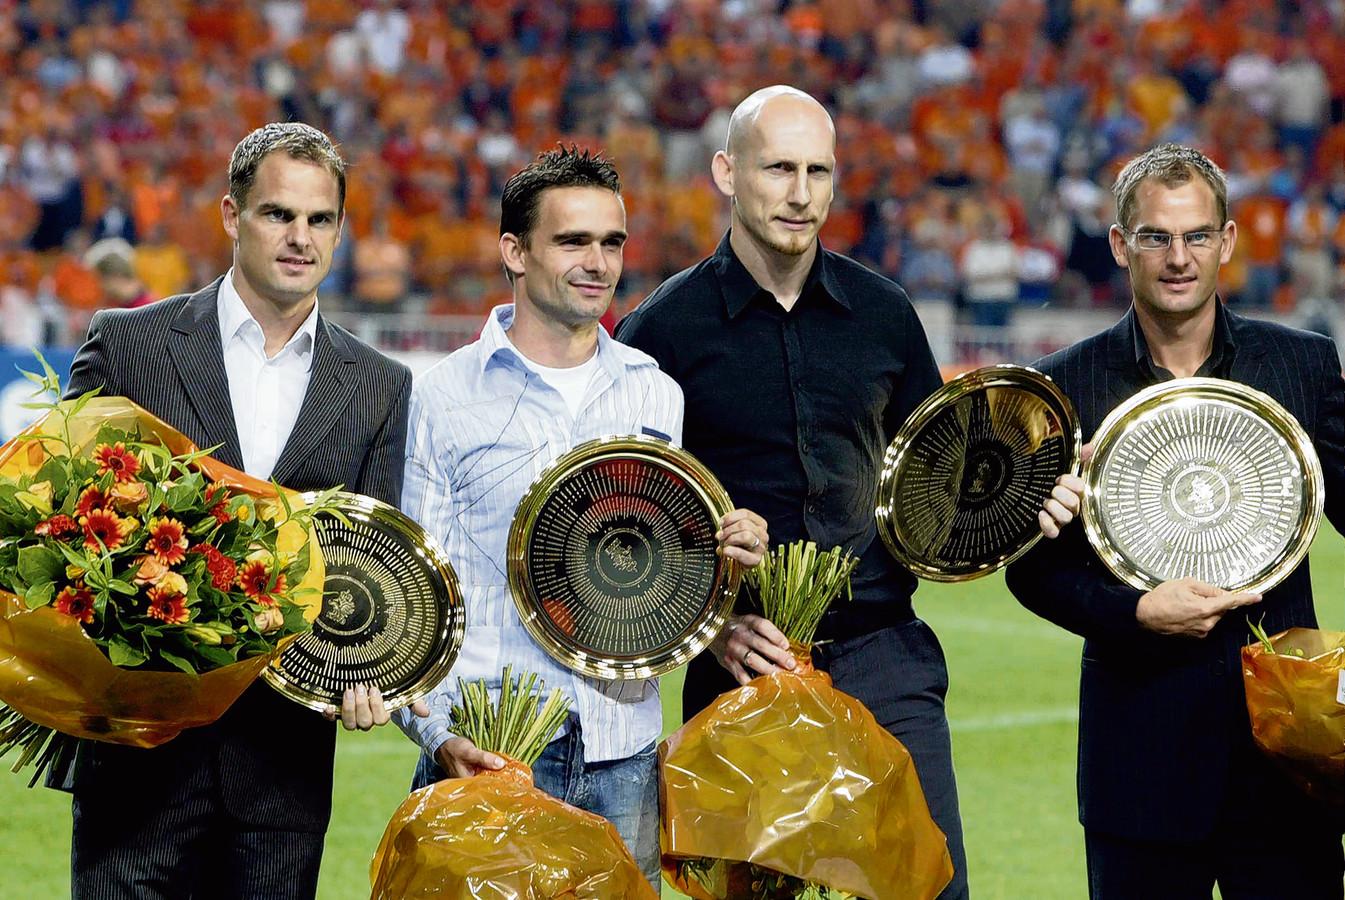 Op 8 september 2004 wint Oranje in een WK-kwalificatieduel met 2-0 van Tsjechië door twee goals van Pierre van Hooijdonk. In de rust neemt het publiek afscheid van Frank de Boer, Marc Overmars, Jaap Stam en Ronald de Boer.